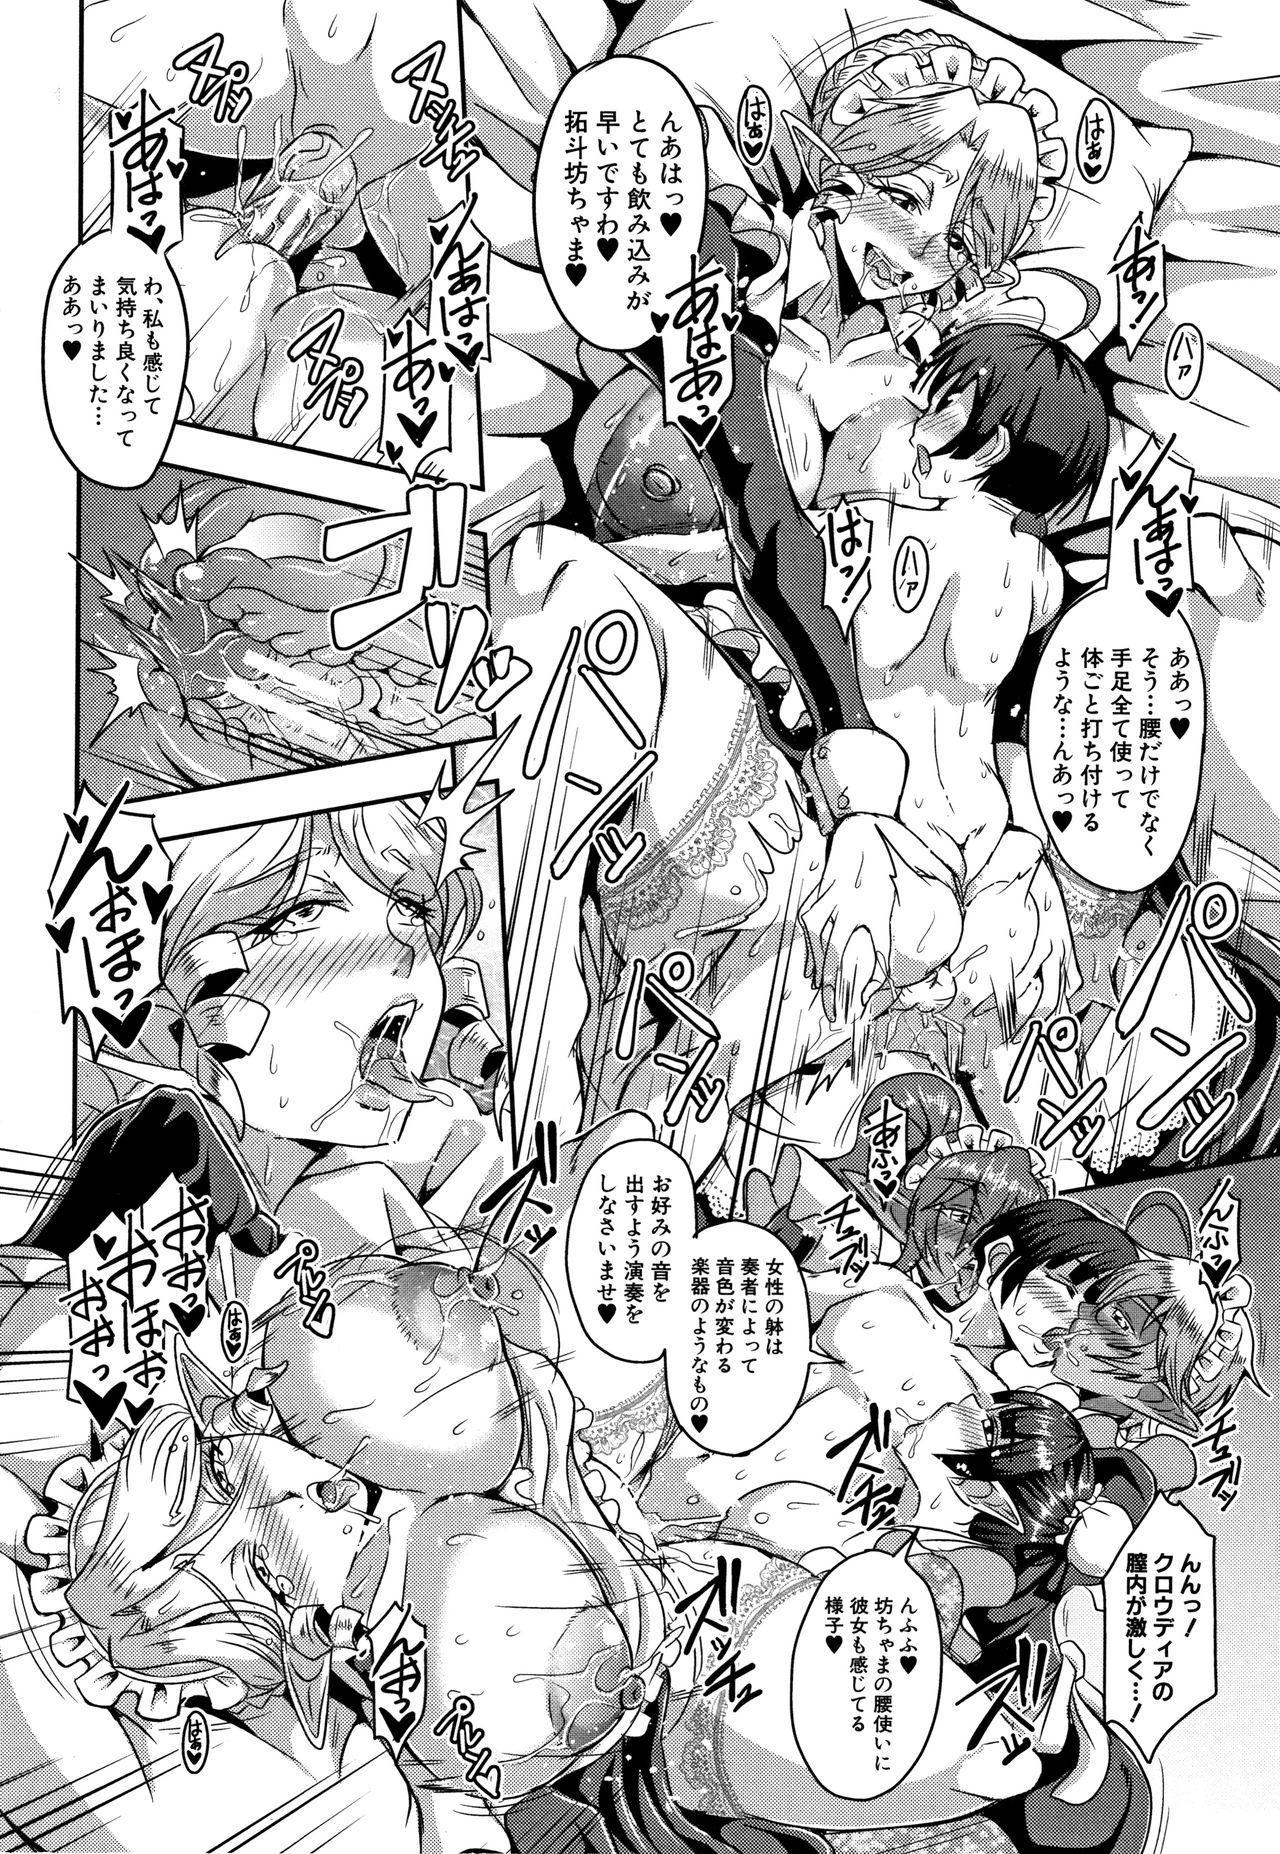 Elf Harem Monogatari - Elf Harem Story 149